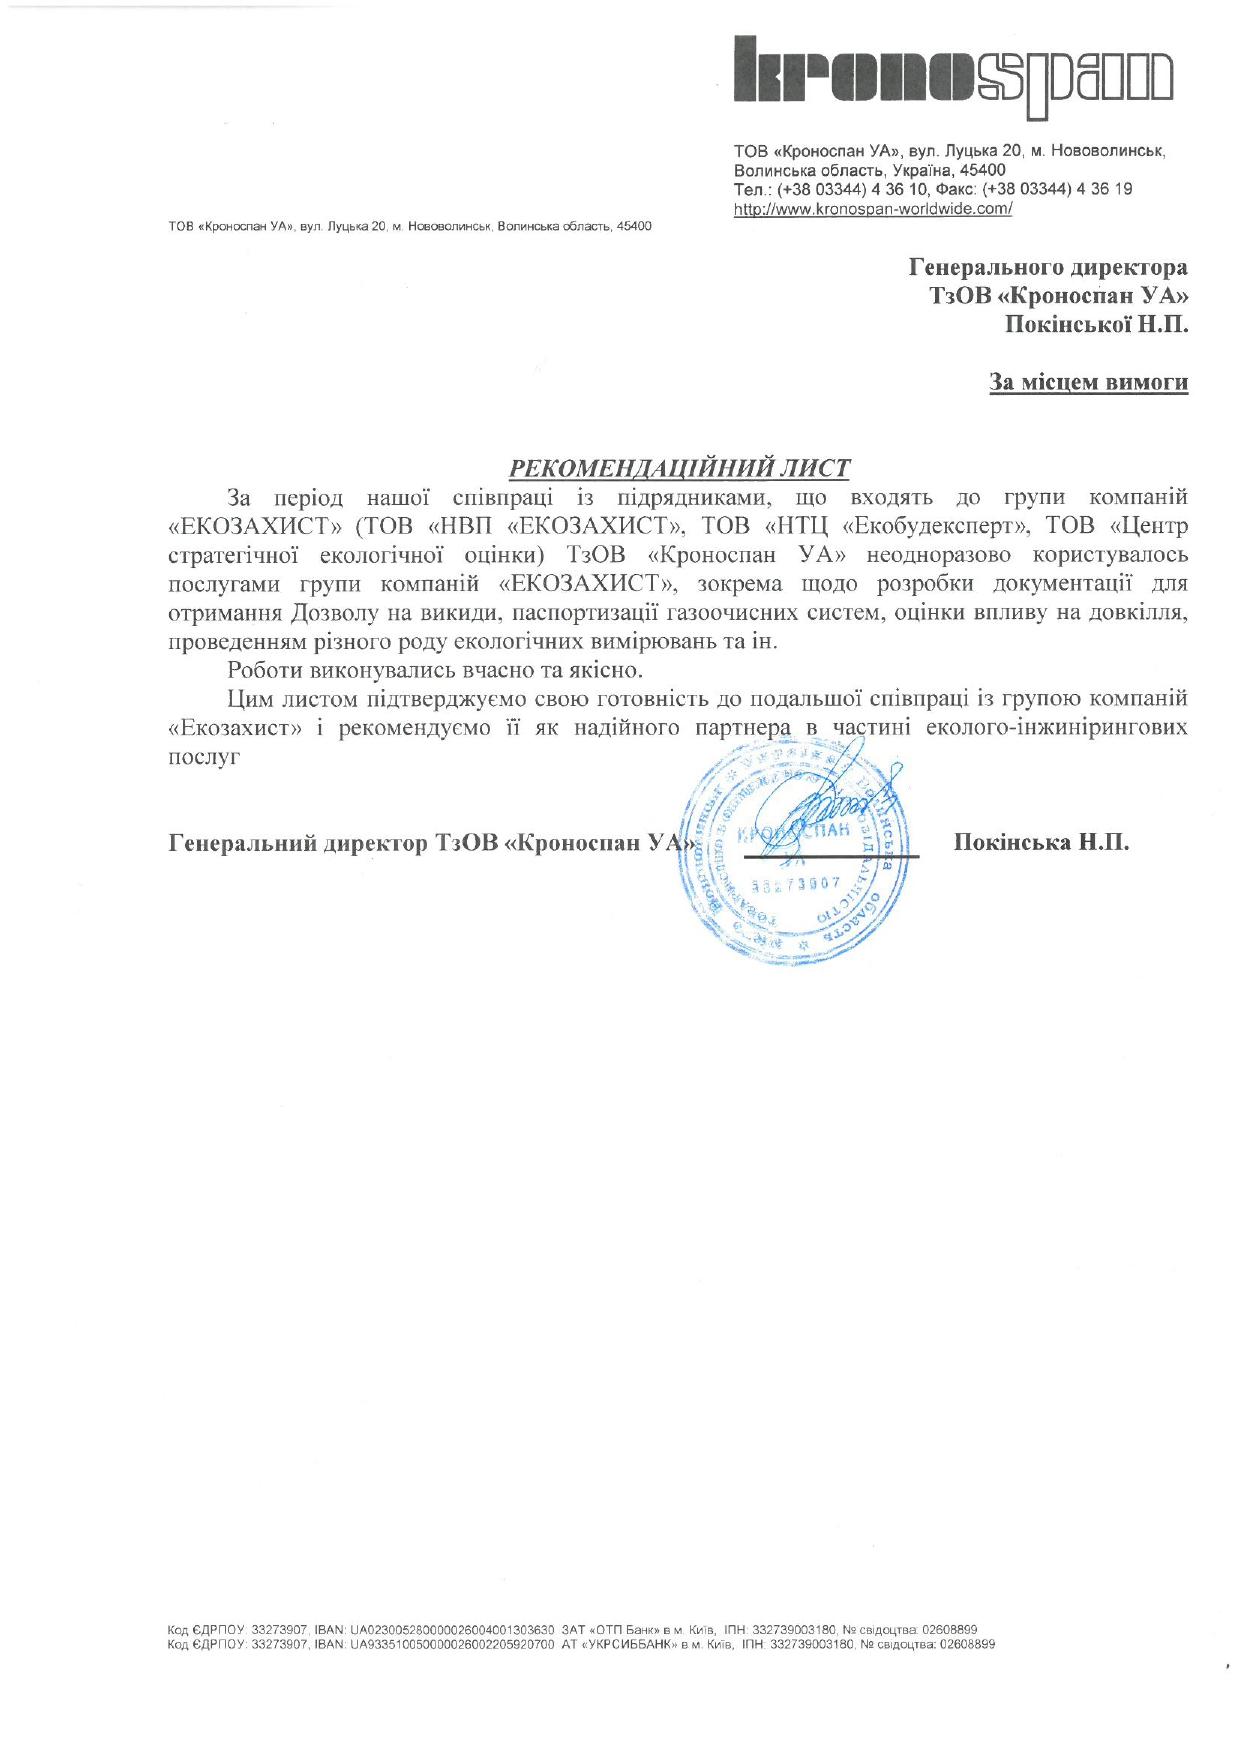 """Генеральный директор ООО """"Кроноспан УА"""" – Покинская Н.П."""